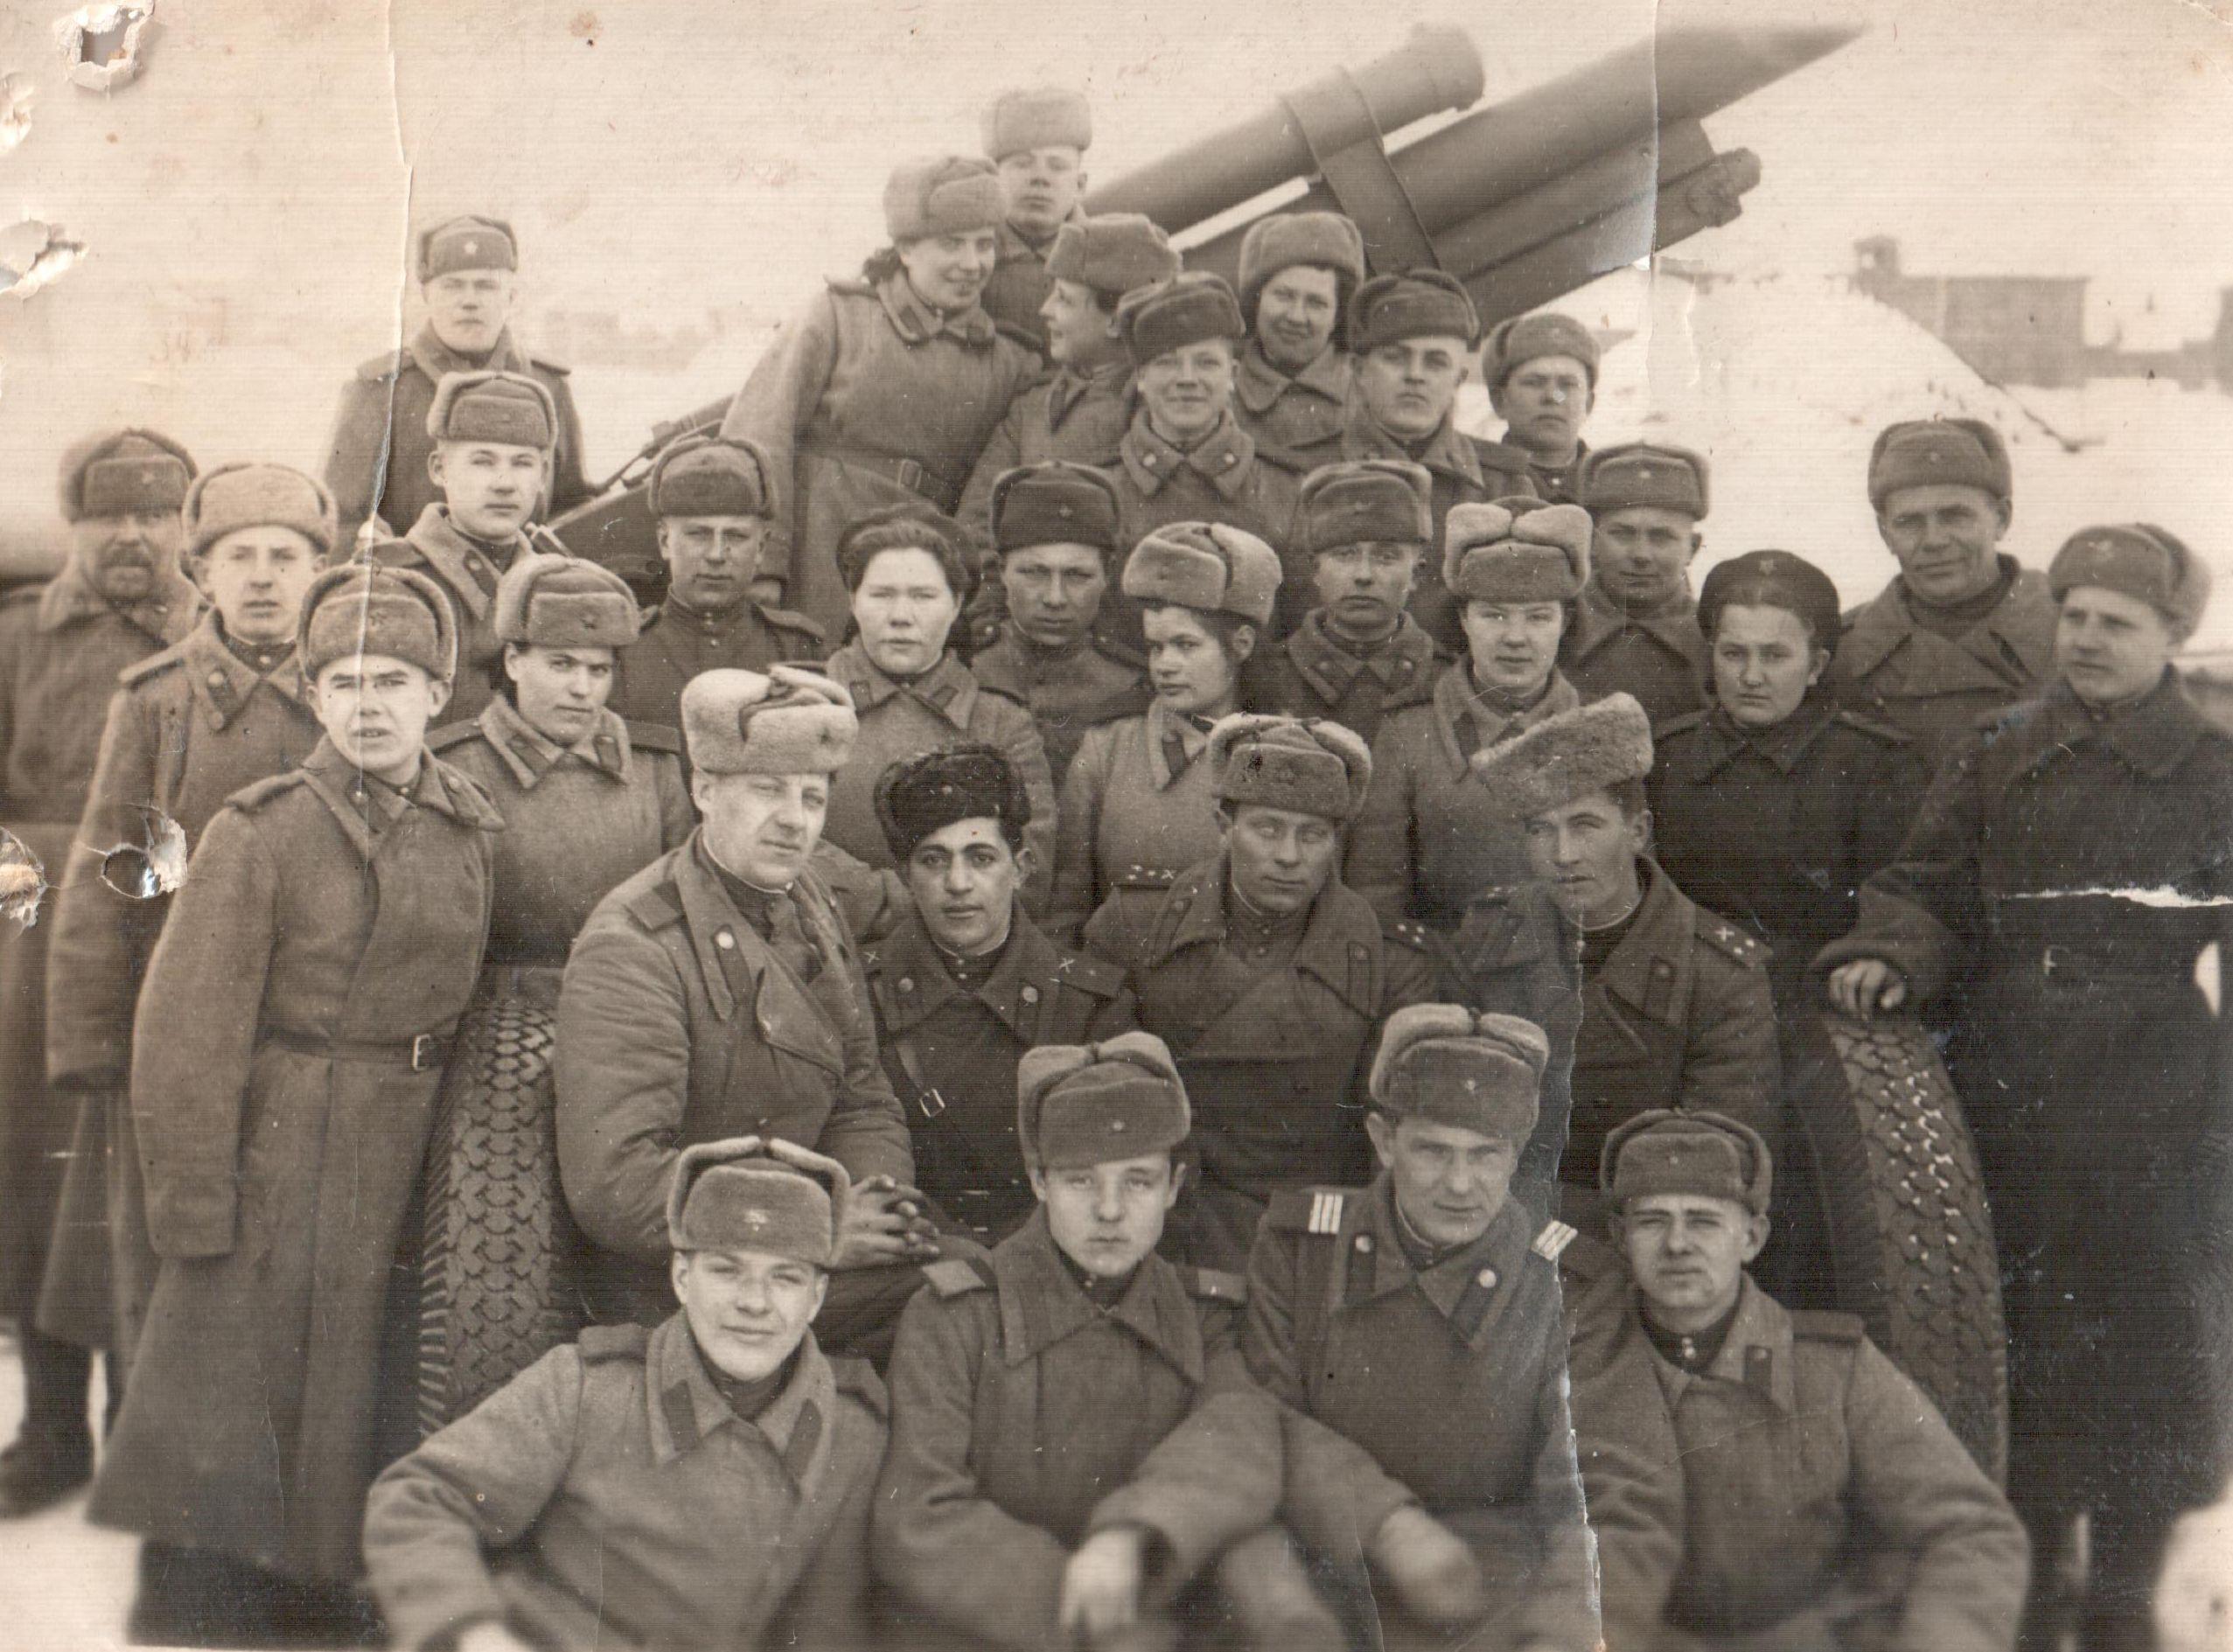 1° Divisione di Artiglieria Pesante della Guardia (2° parte)